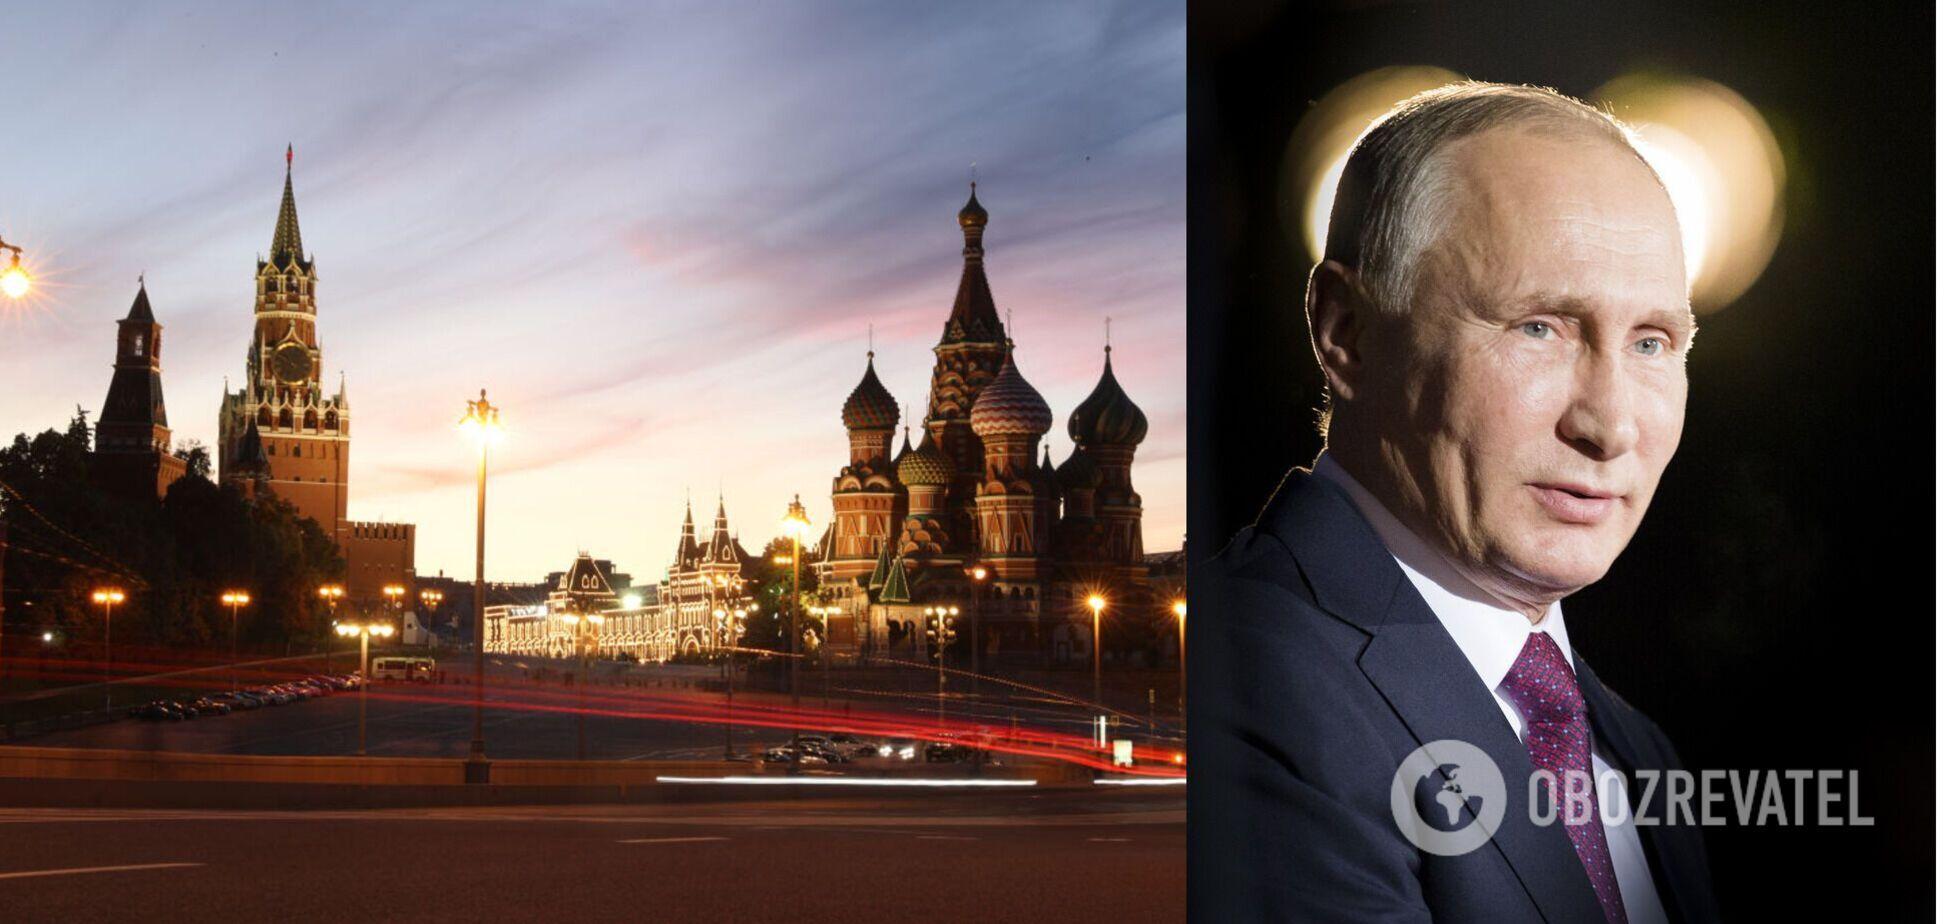 Коли за оточенням Путіна прийдуть, риторика Кремля зміниться